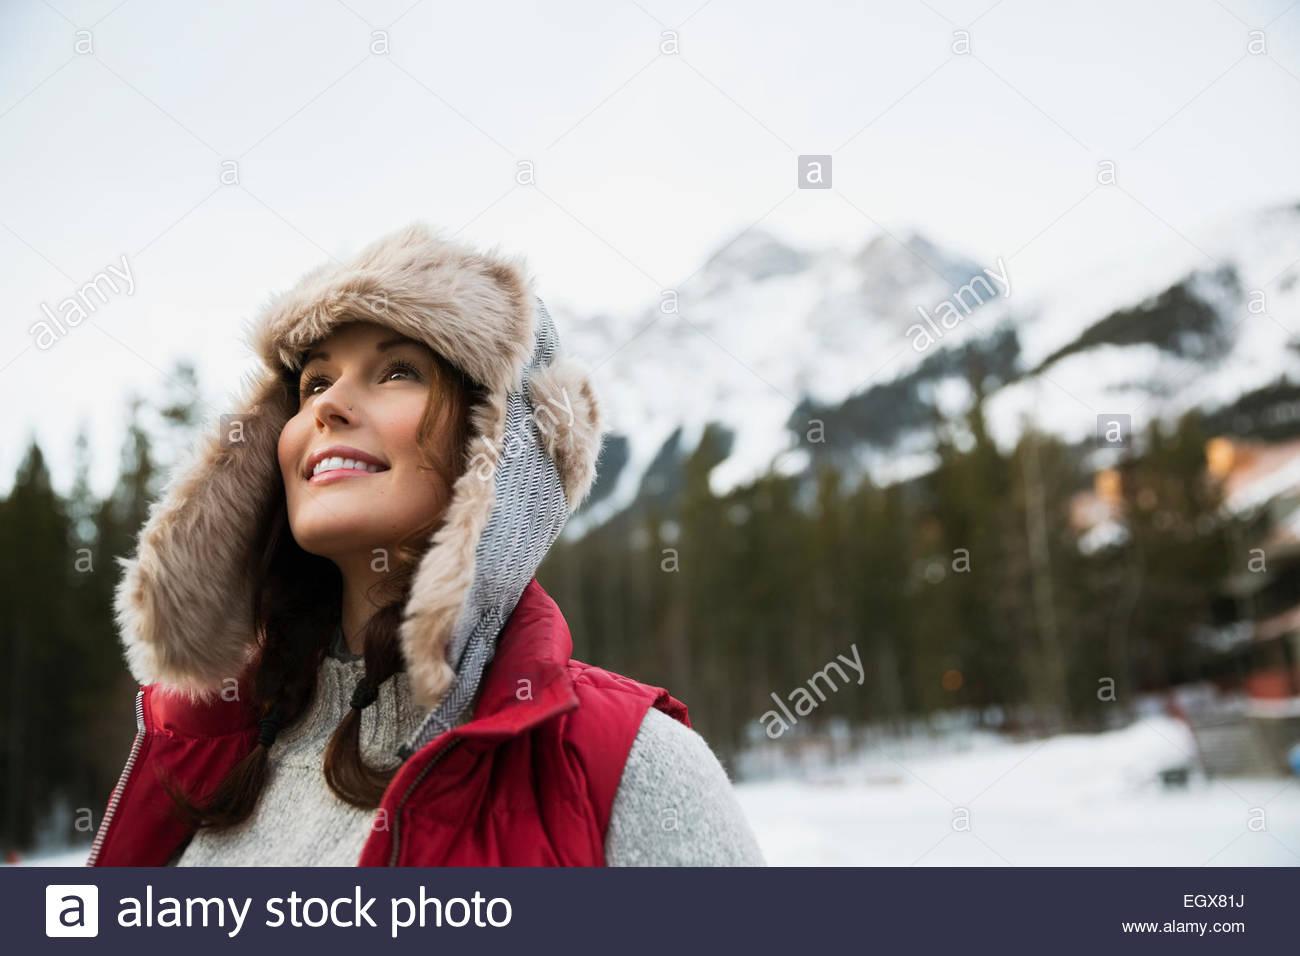 Curieux woman looking up ci-dessous montagnes enneigées Photo Stock